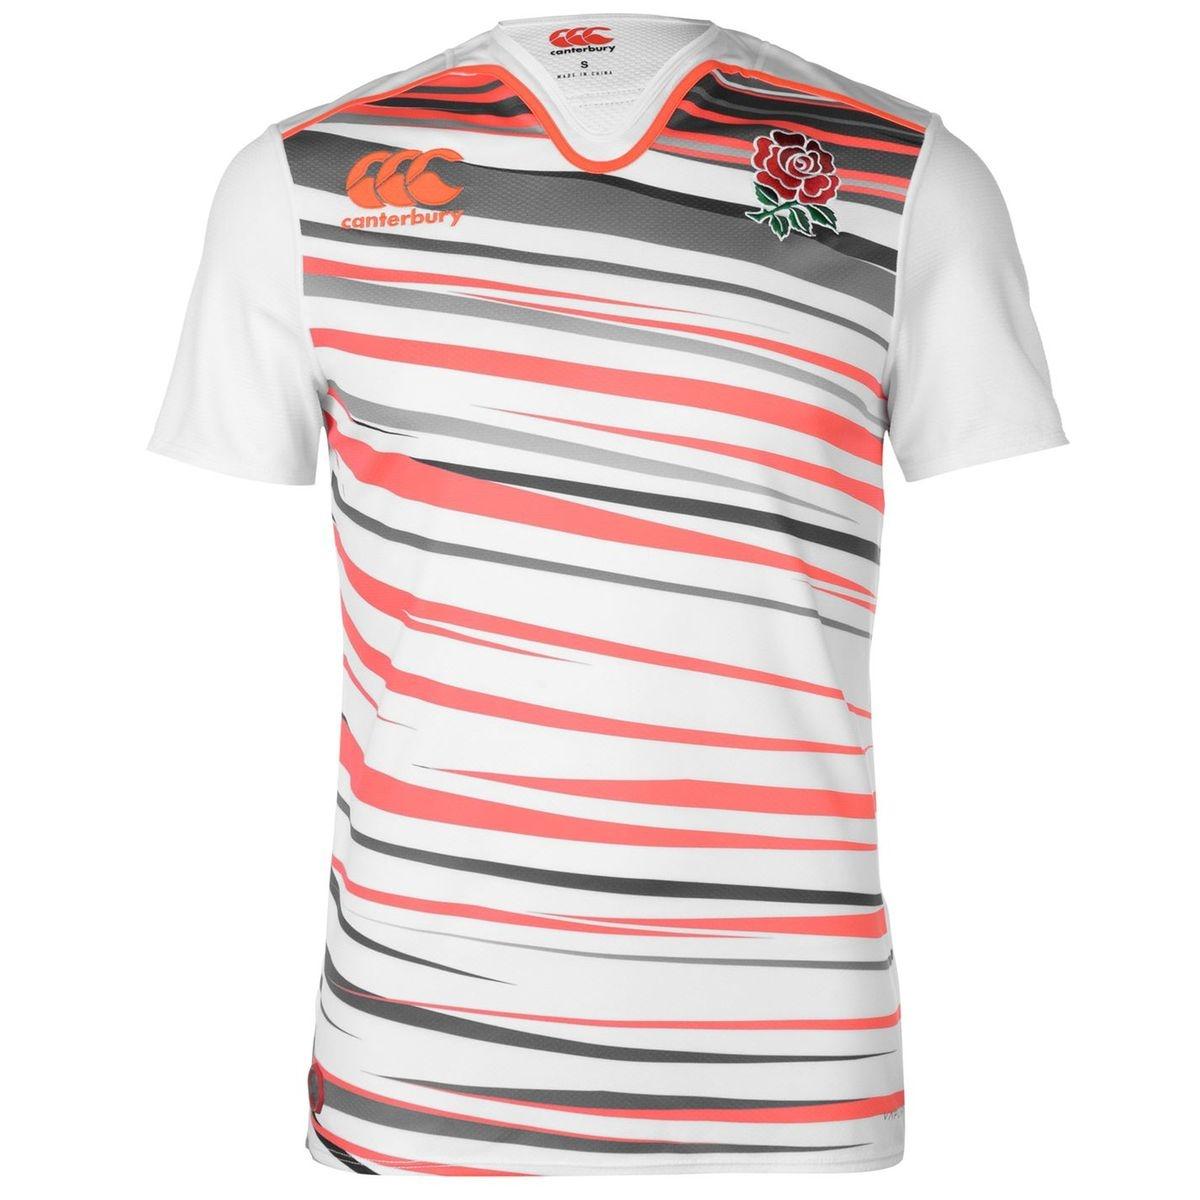 Maillot de rugby t-shirt manche courte